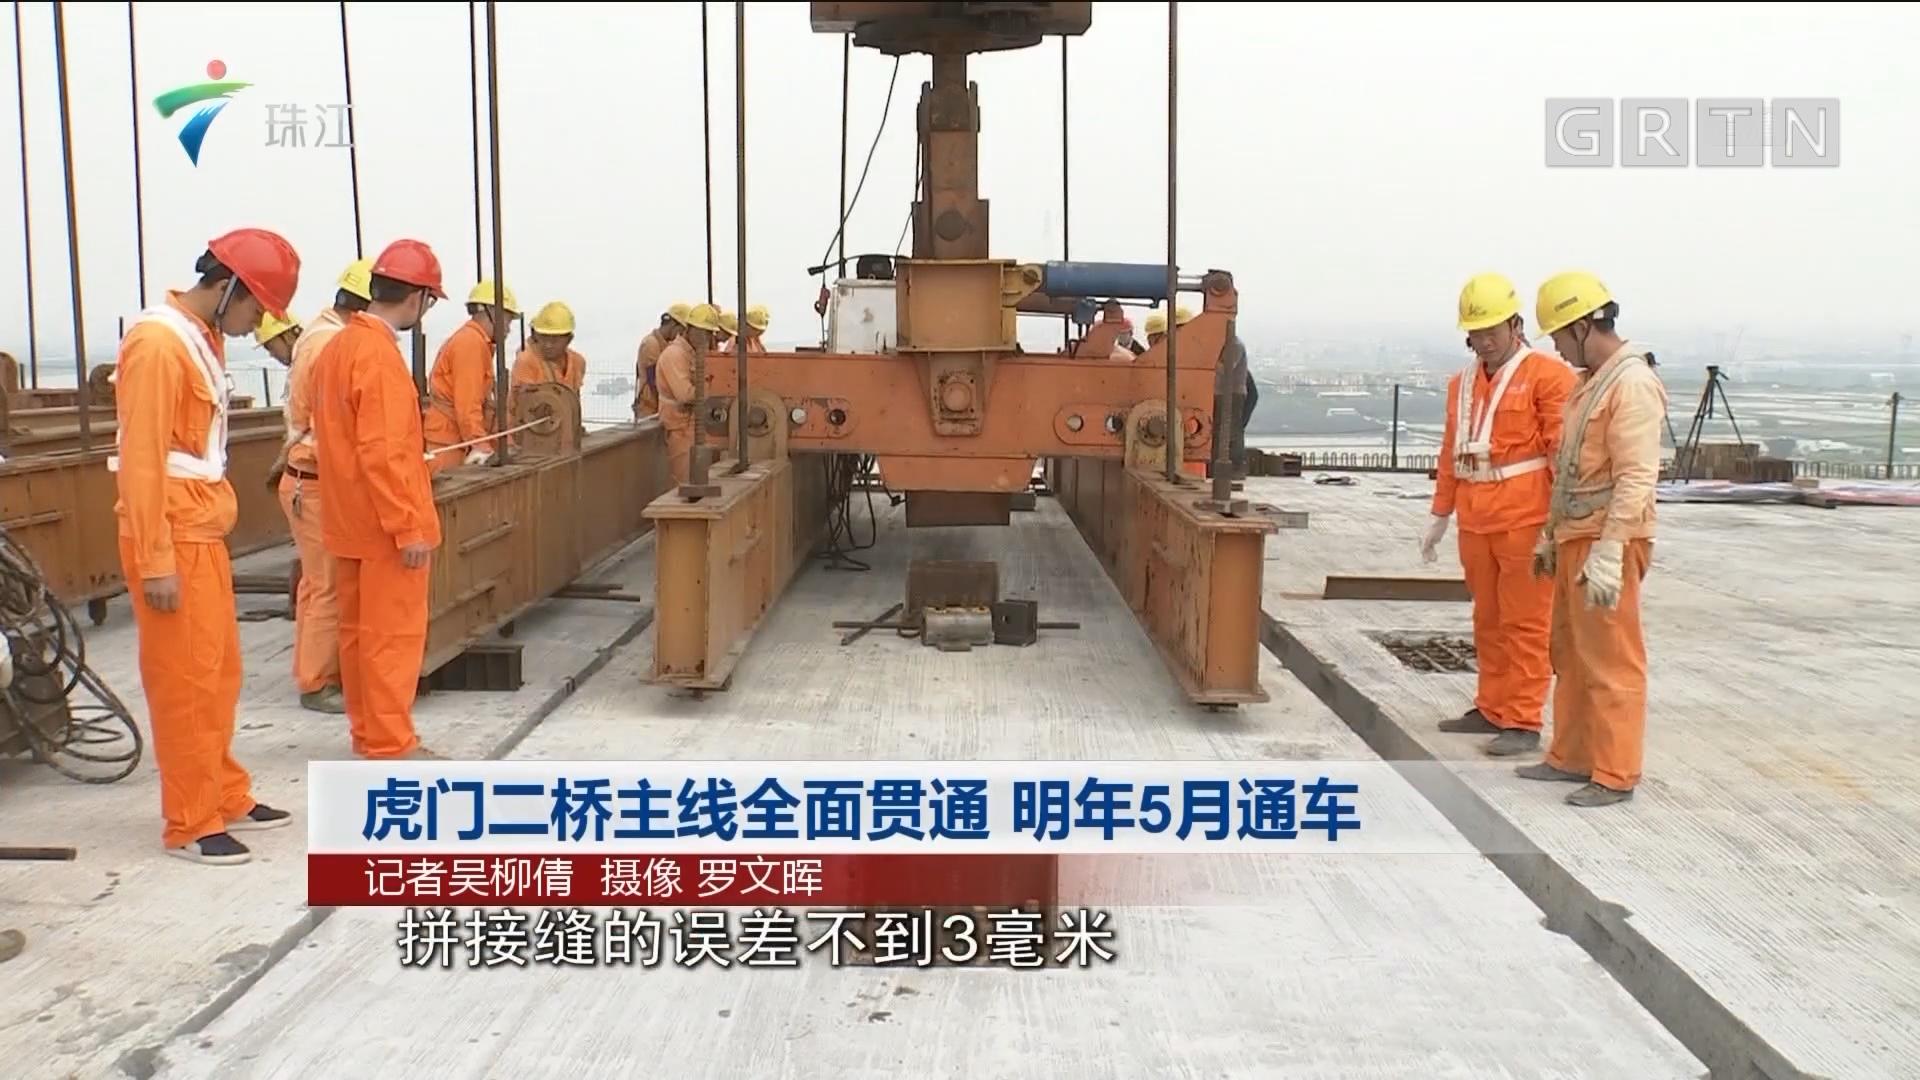 虎门二桥主线全面贯通 明年5月通车